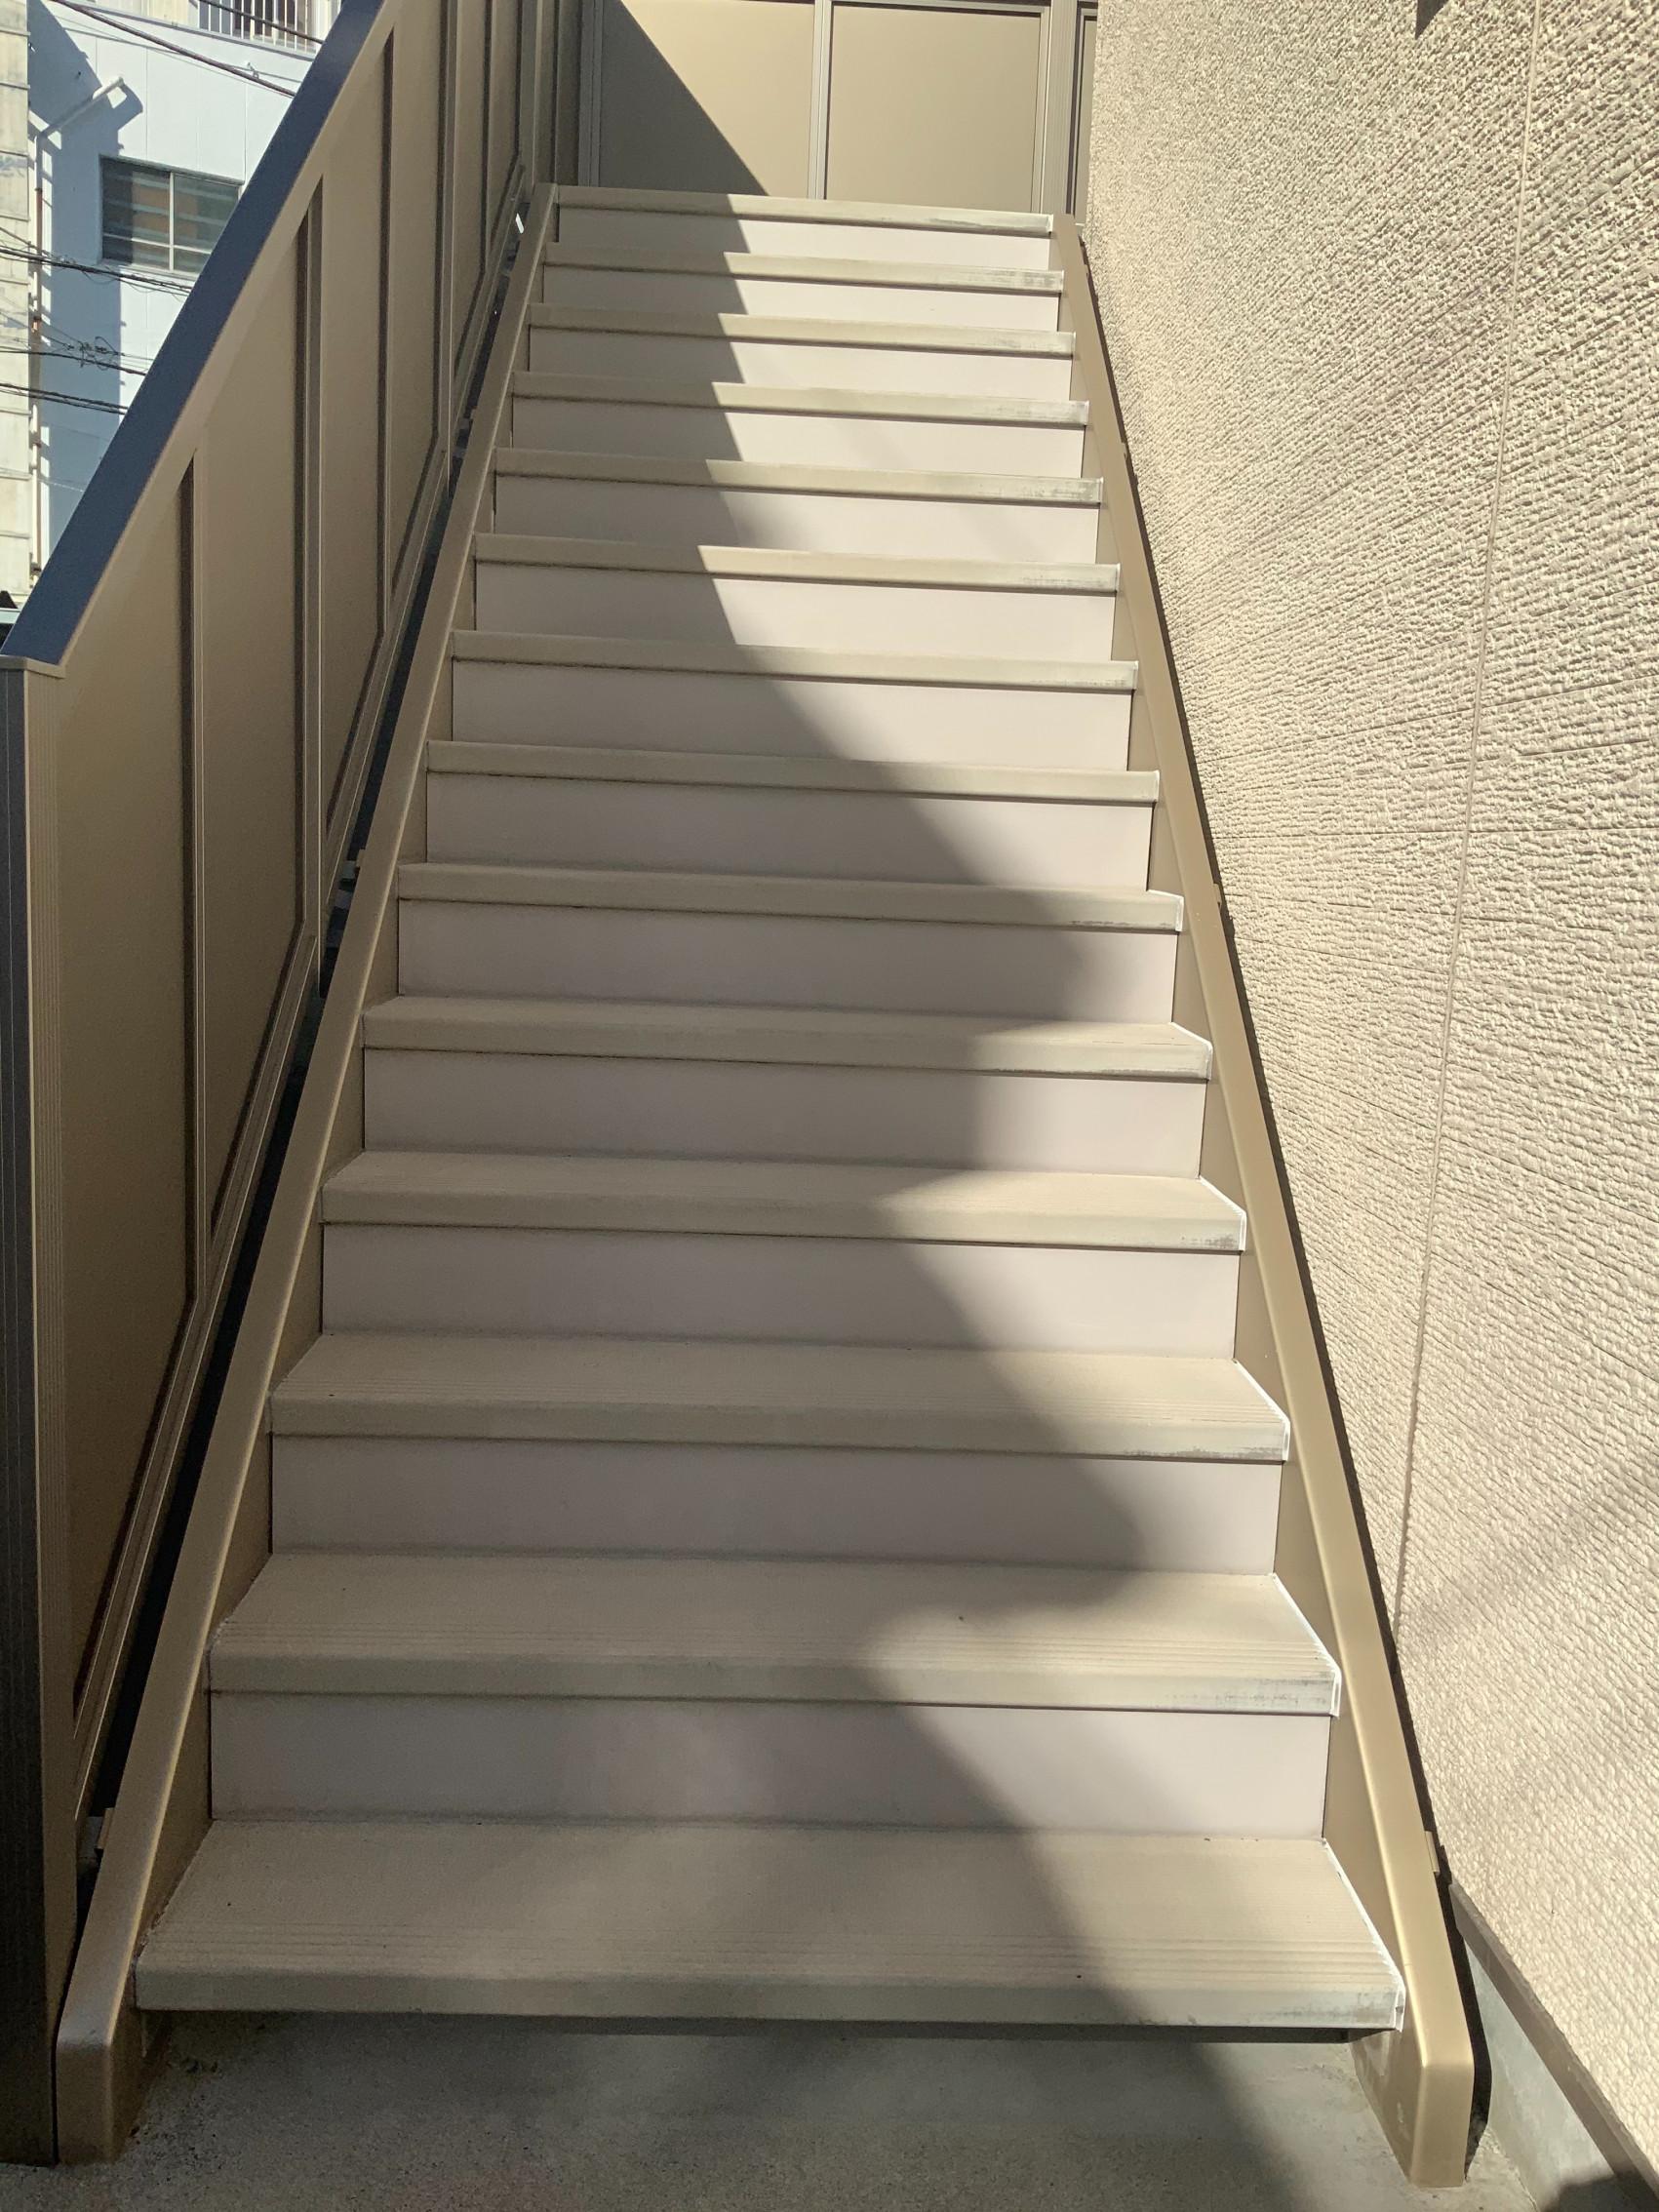 葛飾区 ケイエスホーム様 管理物件 階段改修